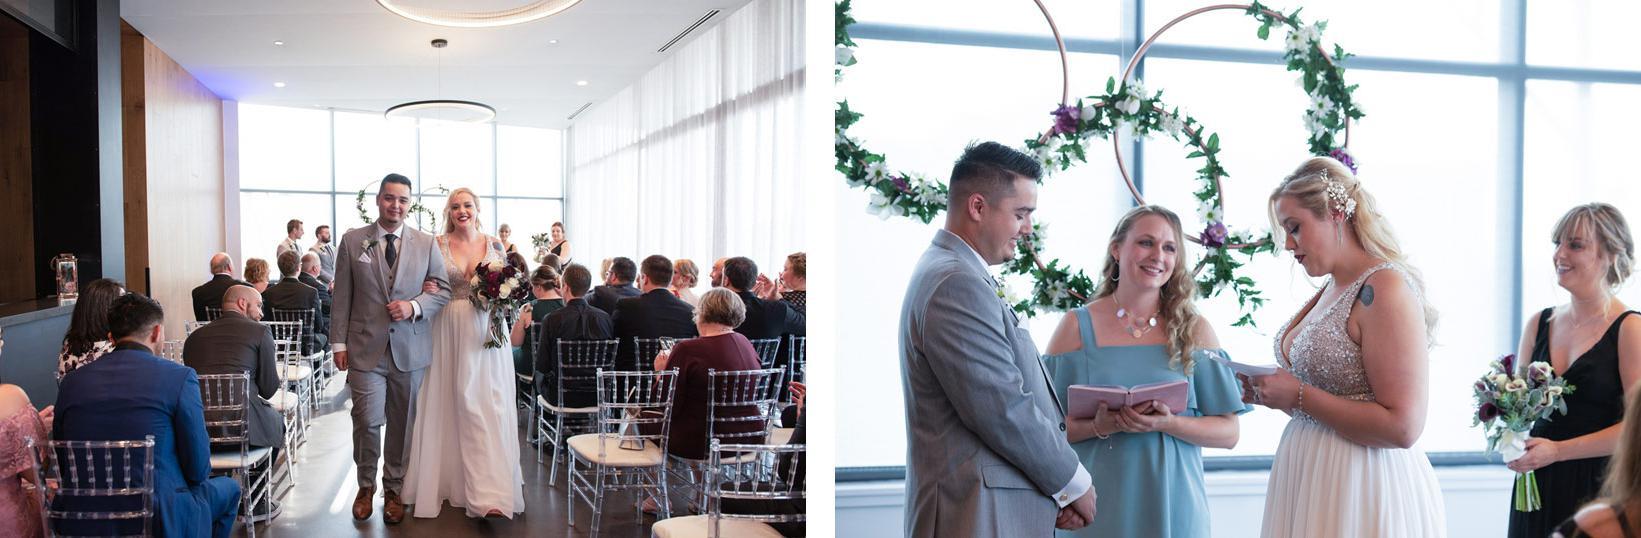 蓝盘副厨梅丽莎·切克尼奥主持婚礼.